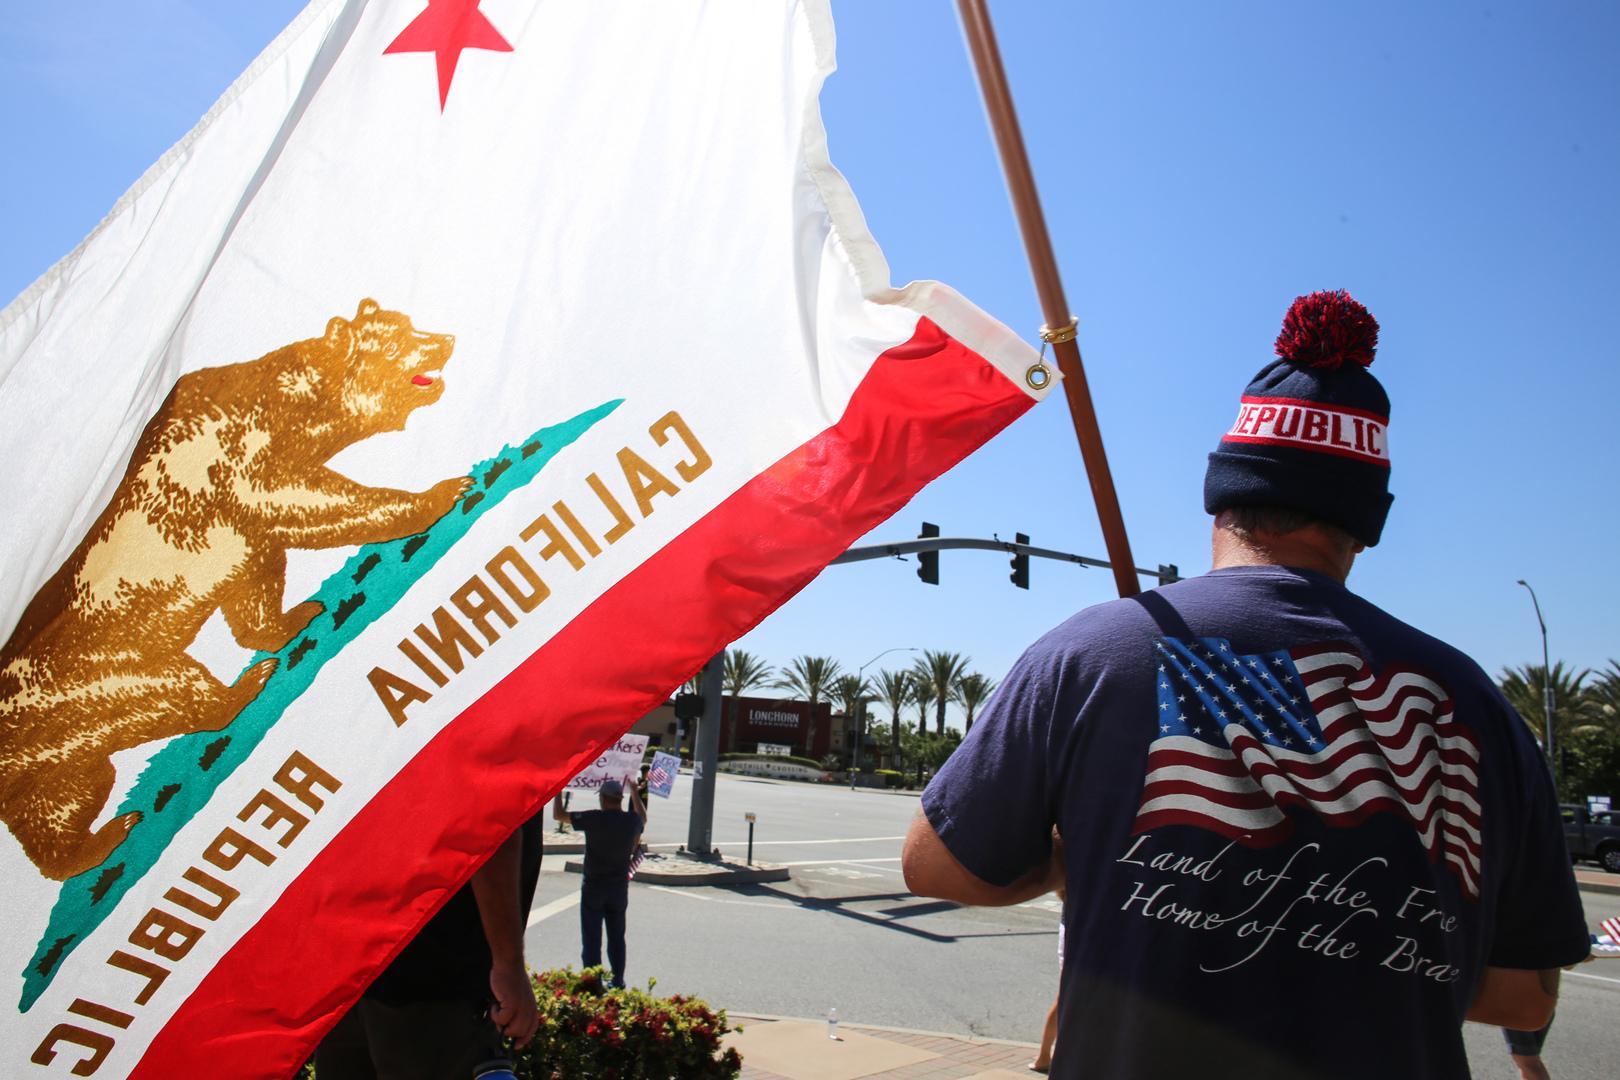 رويترز: إصابات كورونا في كاليفورنيا تتجاوز الـ 400 ألف